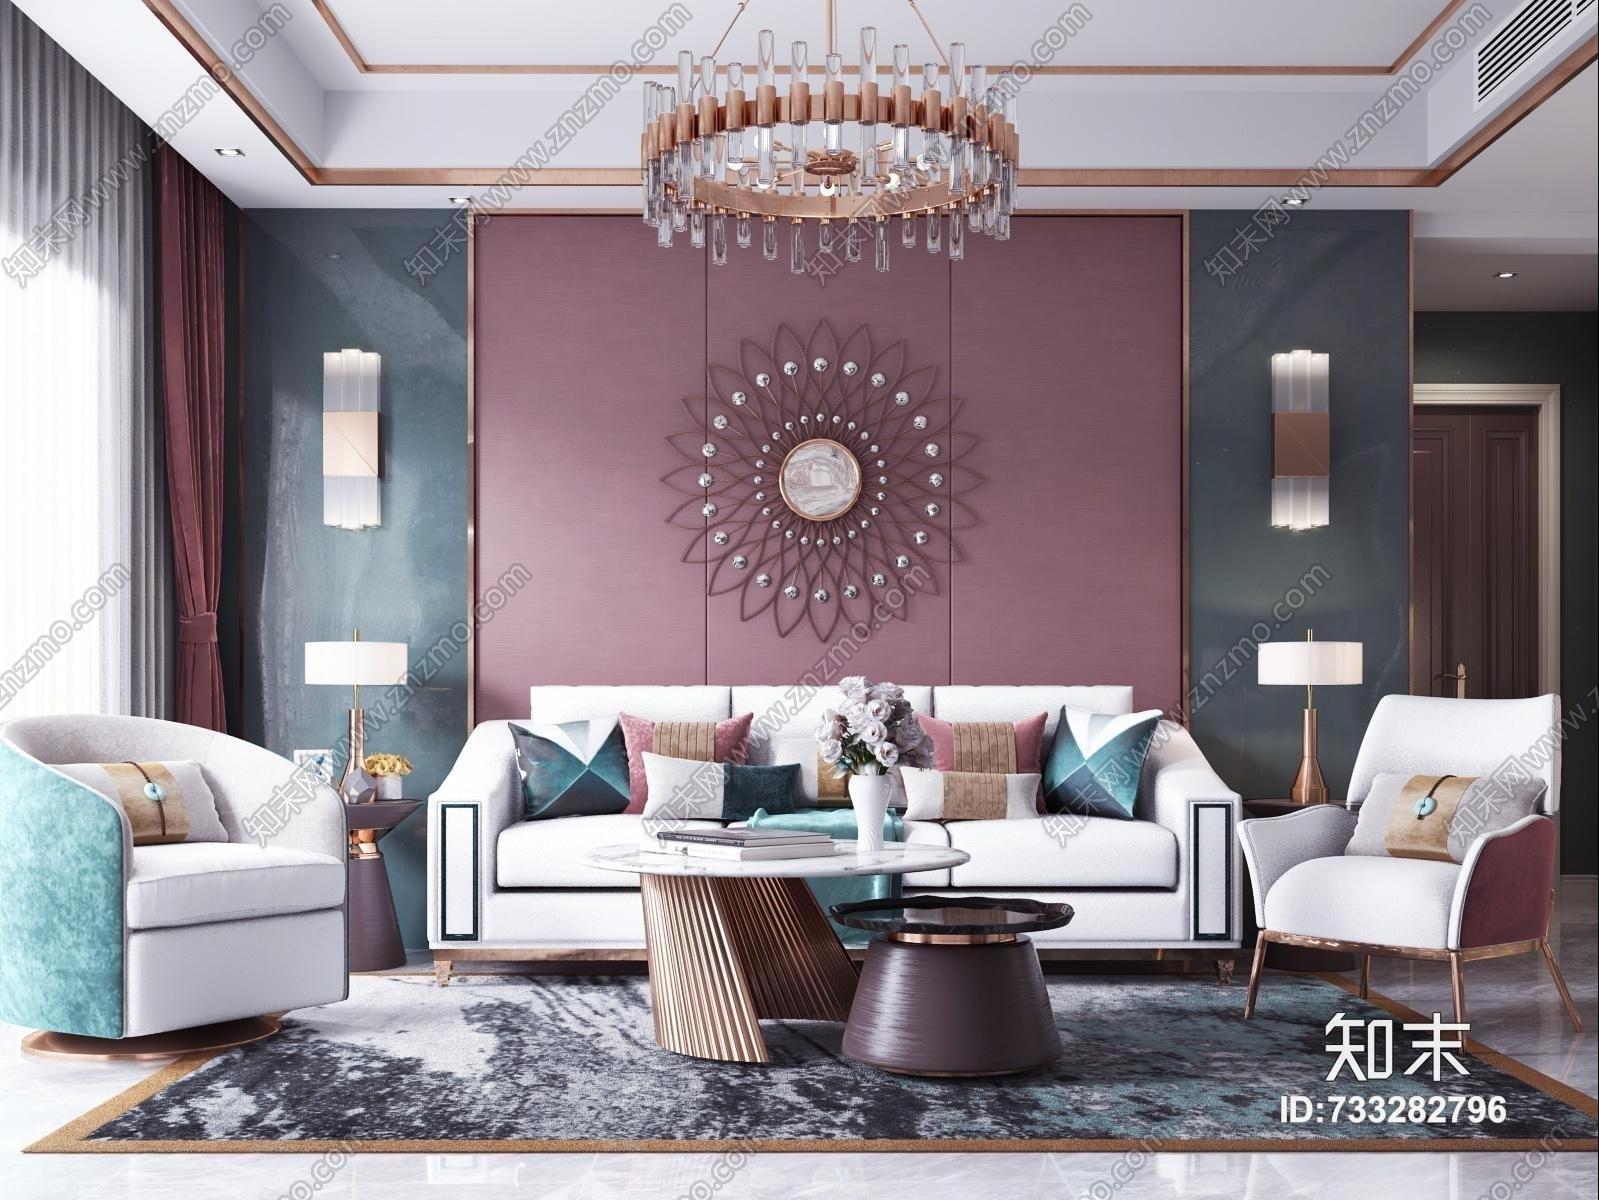 现代轻奢客厅 沙发茶几 吊灯